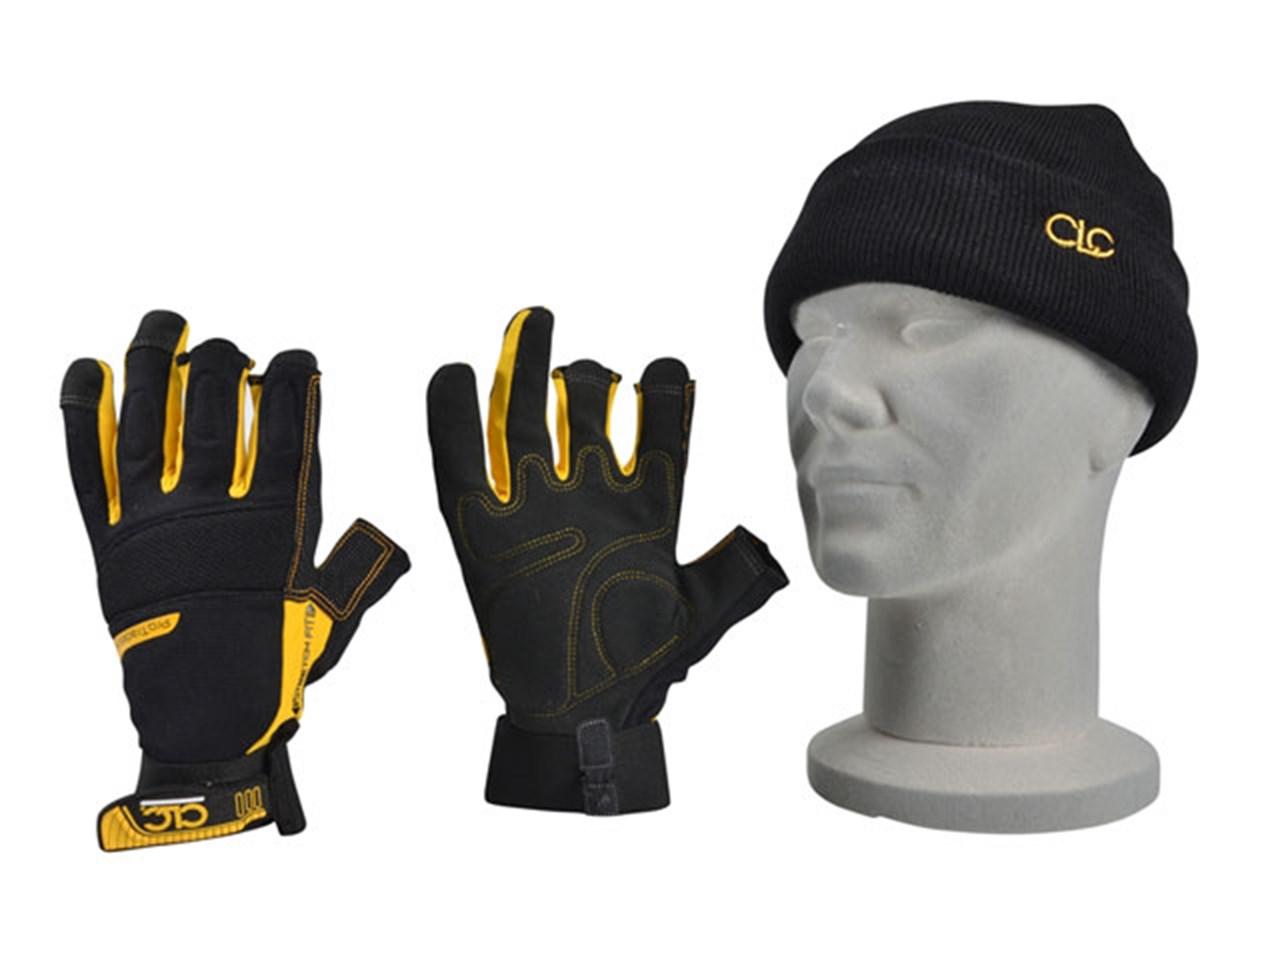 Fingerless gloves edmonton -  Kunys Clc Fingerless Gloves